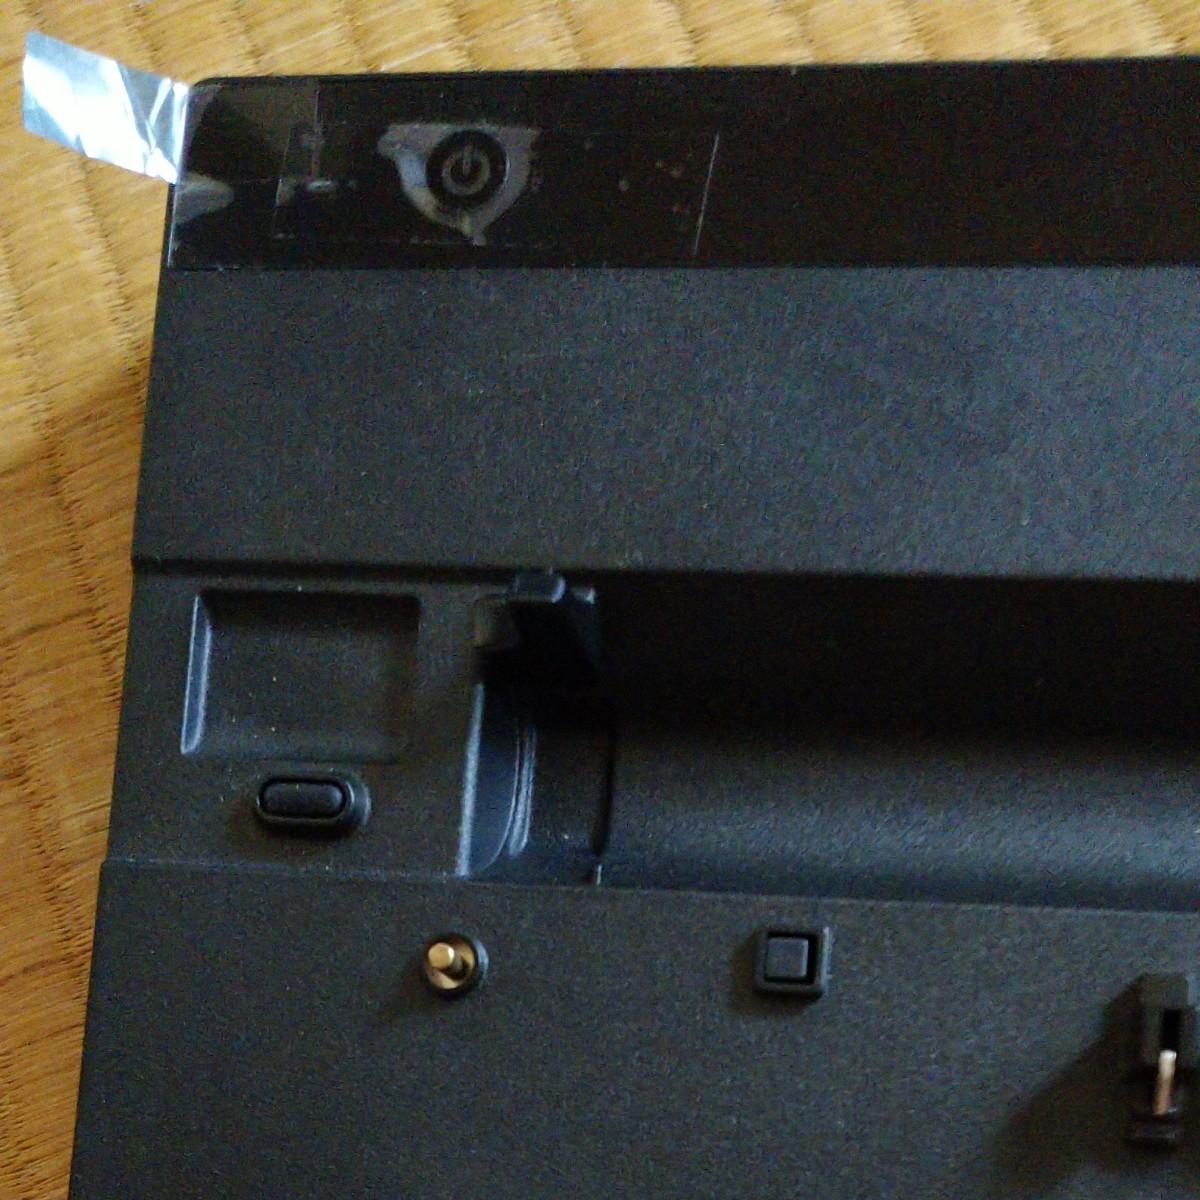 東芝 TOSHIBA dynabook 東芝dynabook ポート拡張ユニット PAAPR006